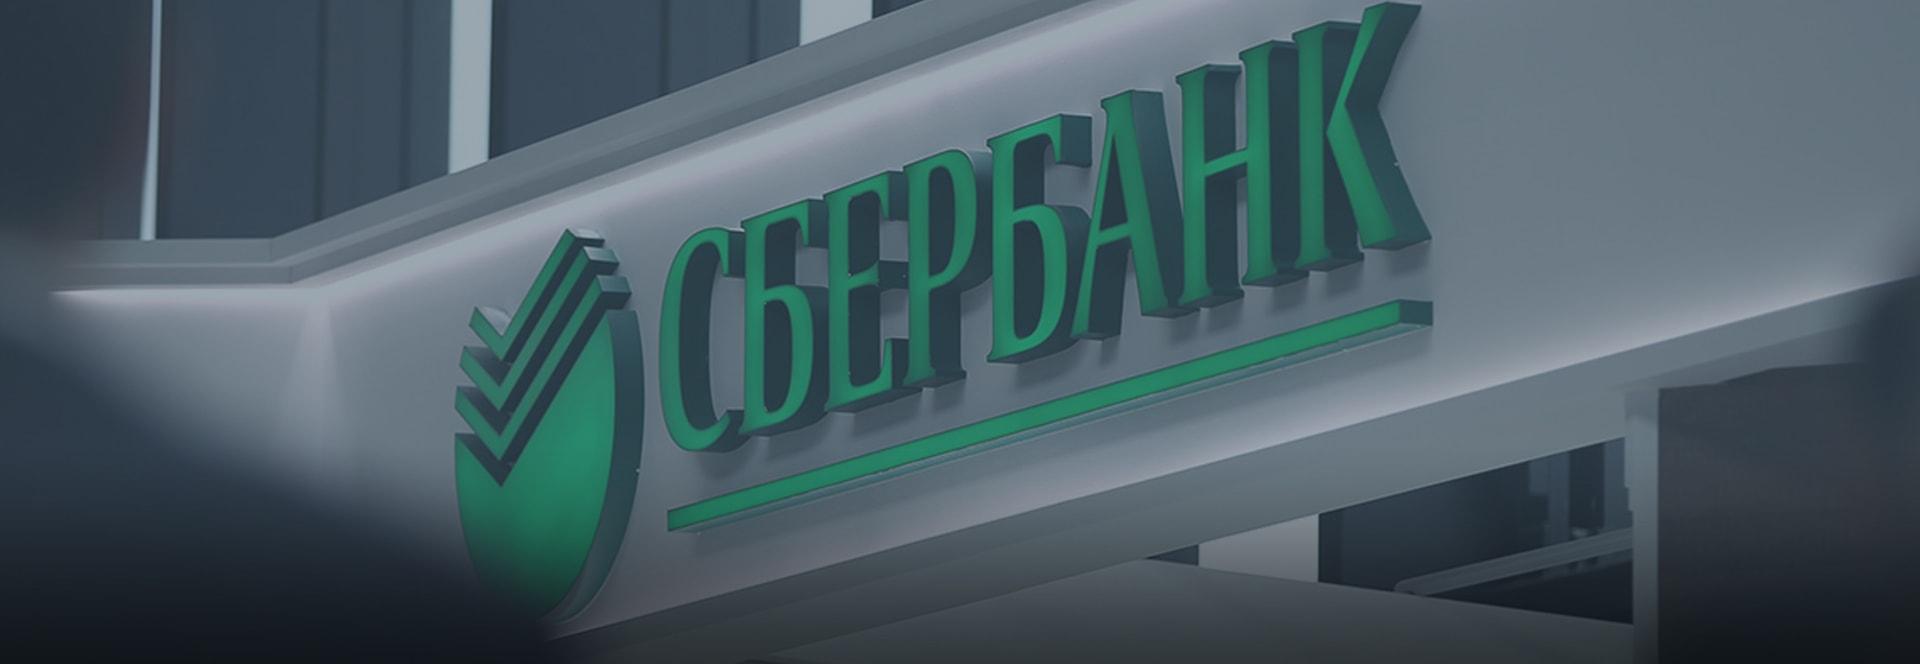 «Сбербанк России»: цифровая HR-трансформация